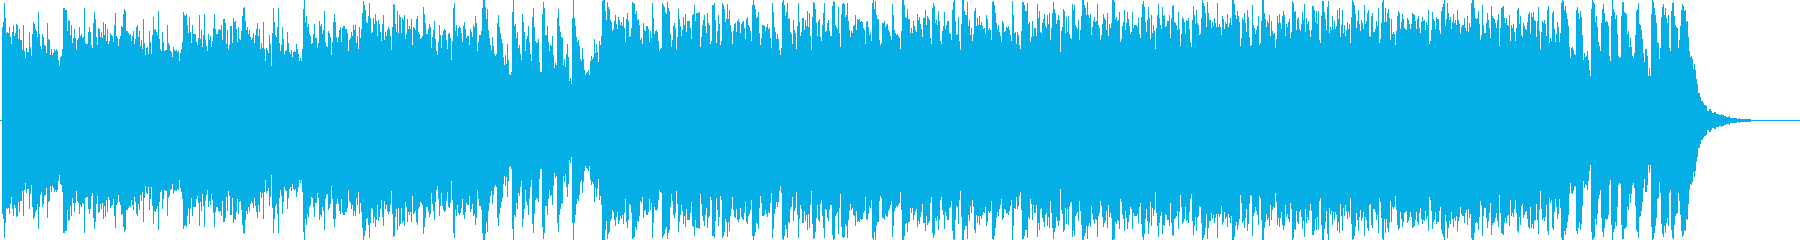 壮大なフルオーケストラBGMの再生済みの波形